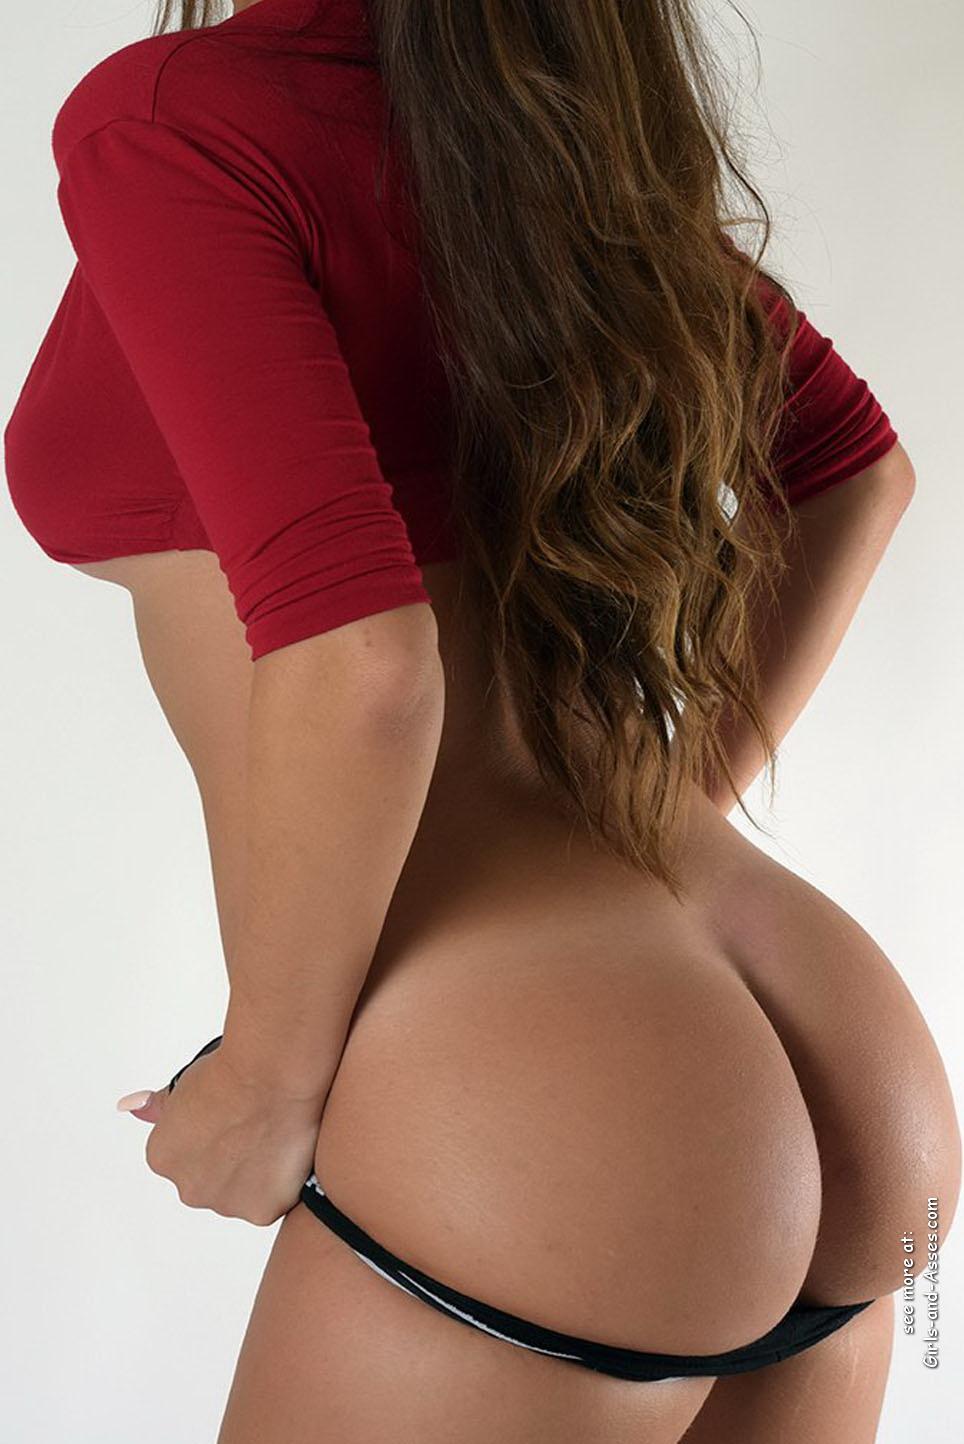 beautiful naked ass 00724